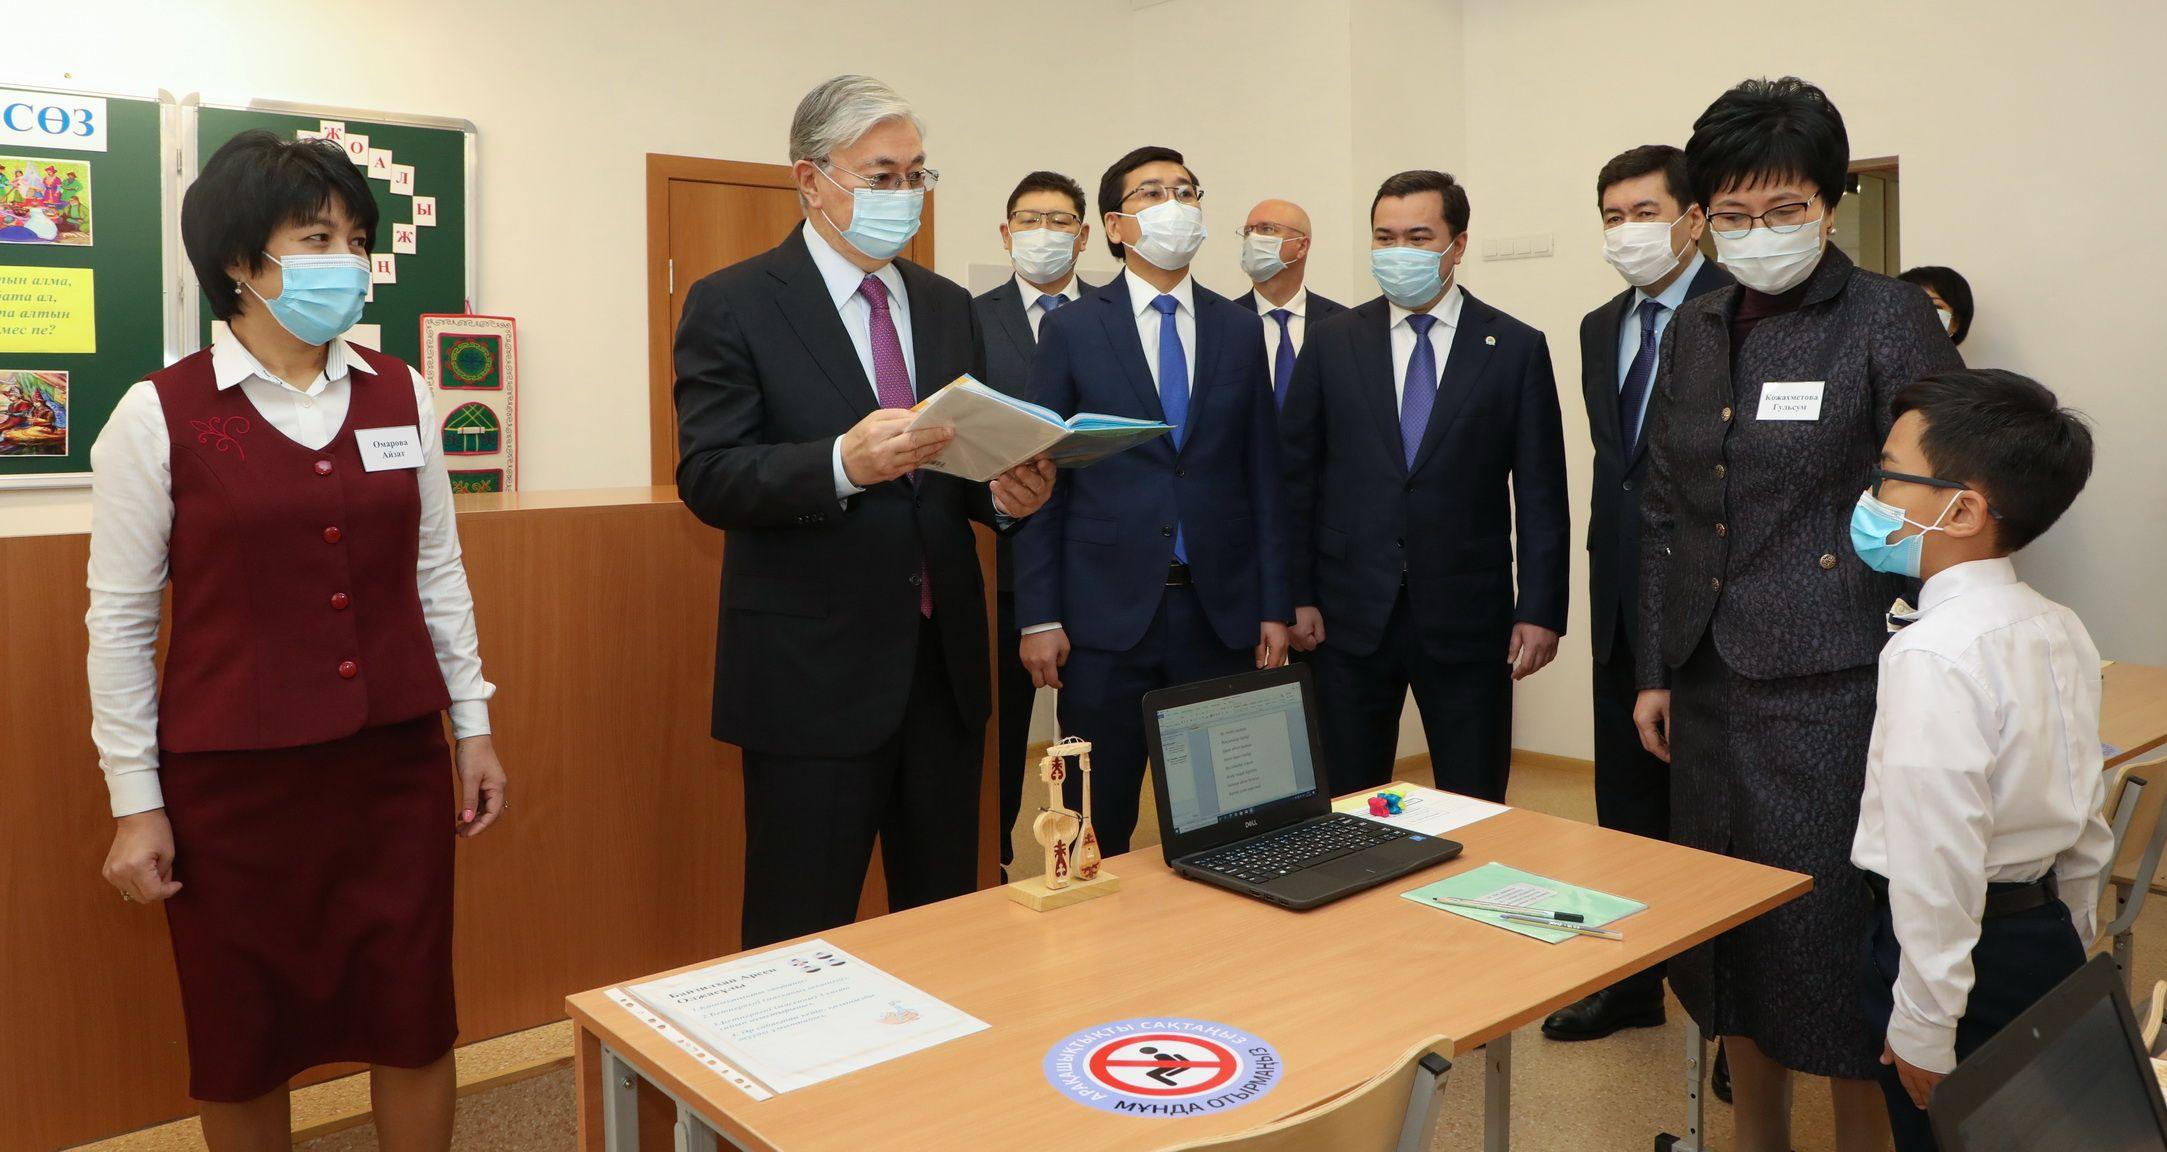 Президент посетил новые спортивные объекты Караганды  505323 - Kapital.kz